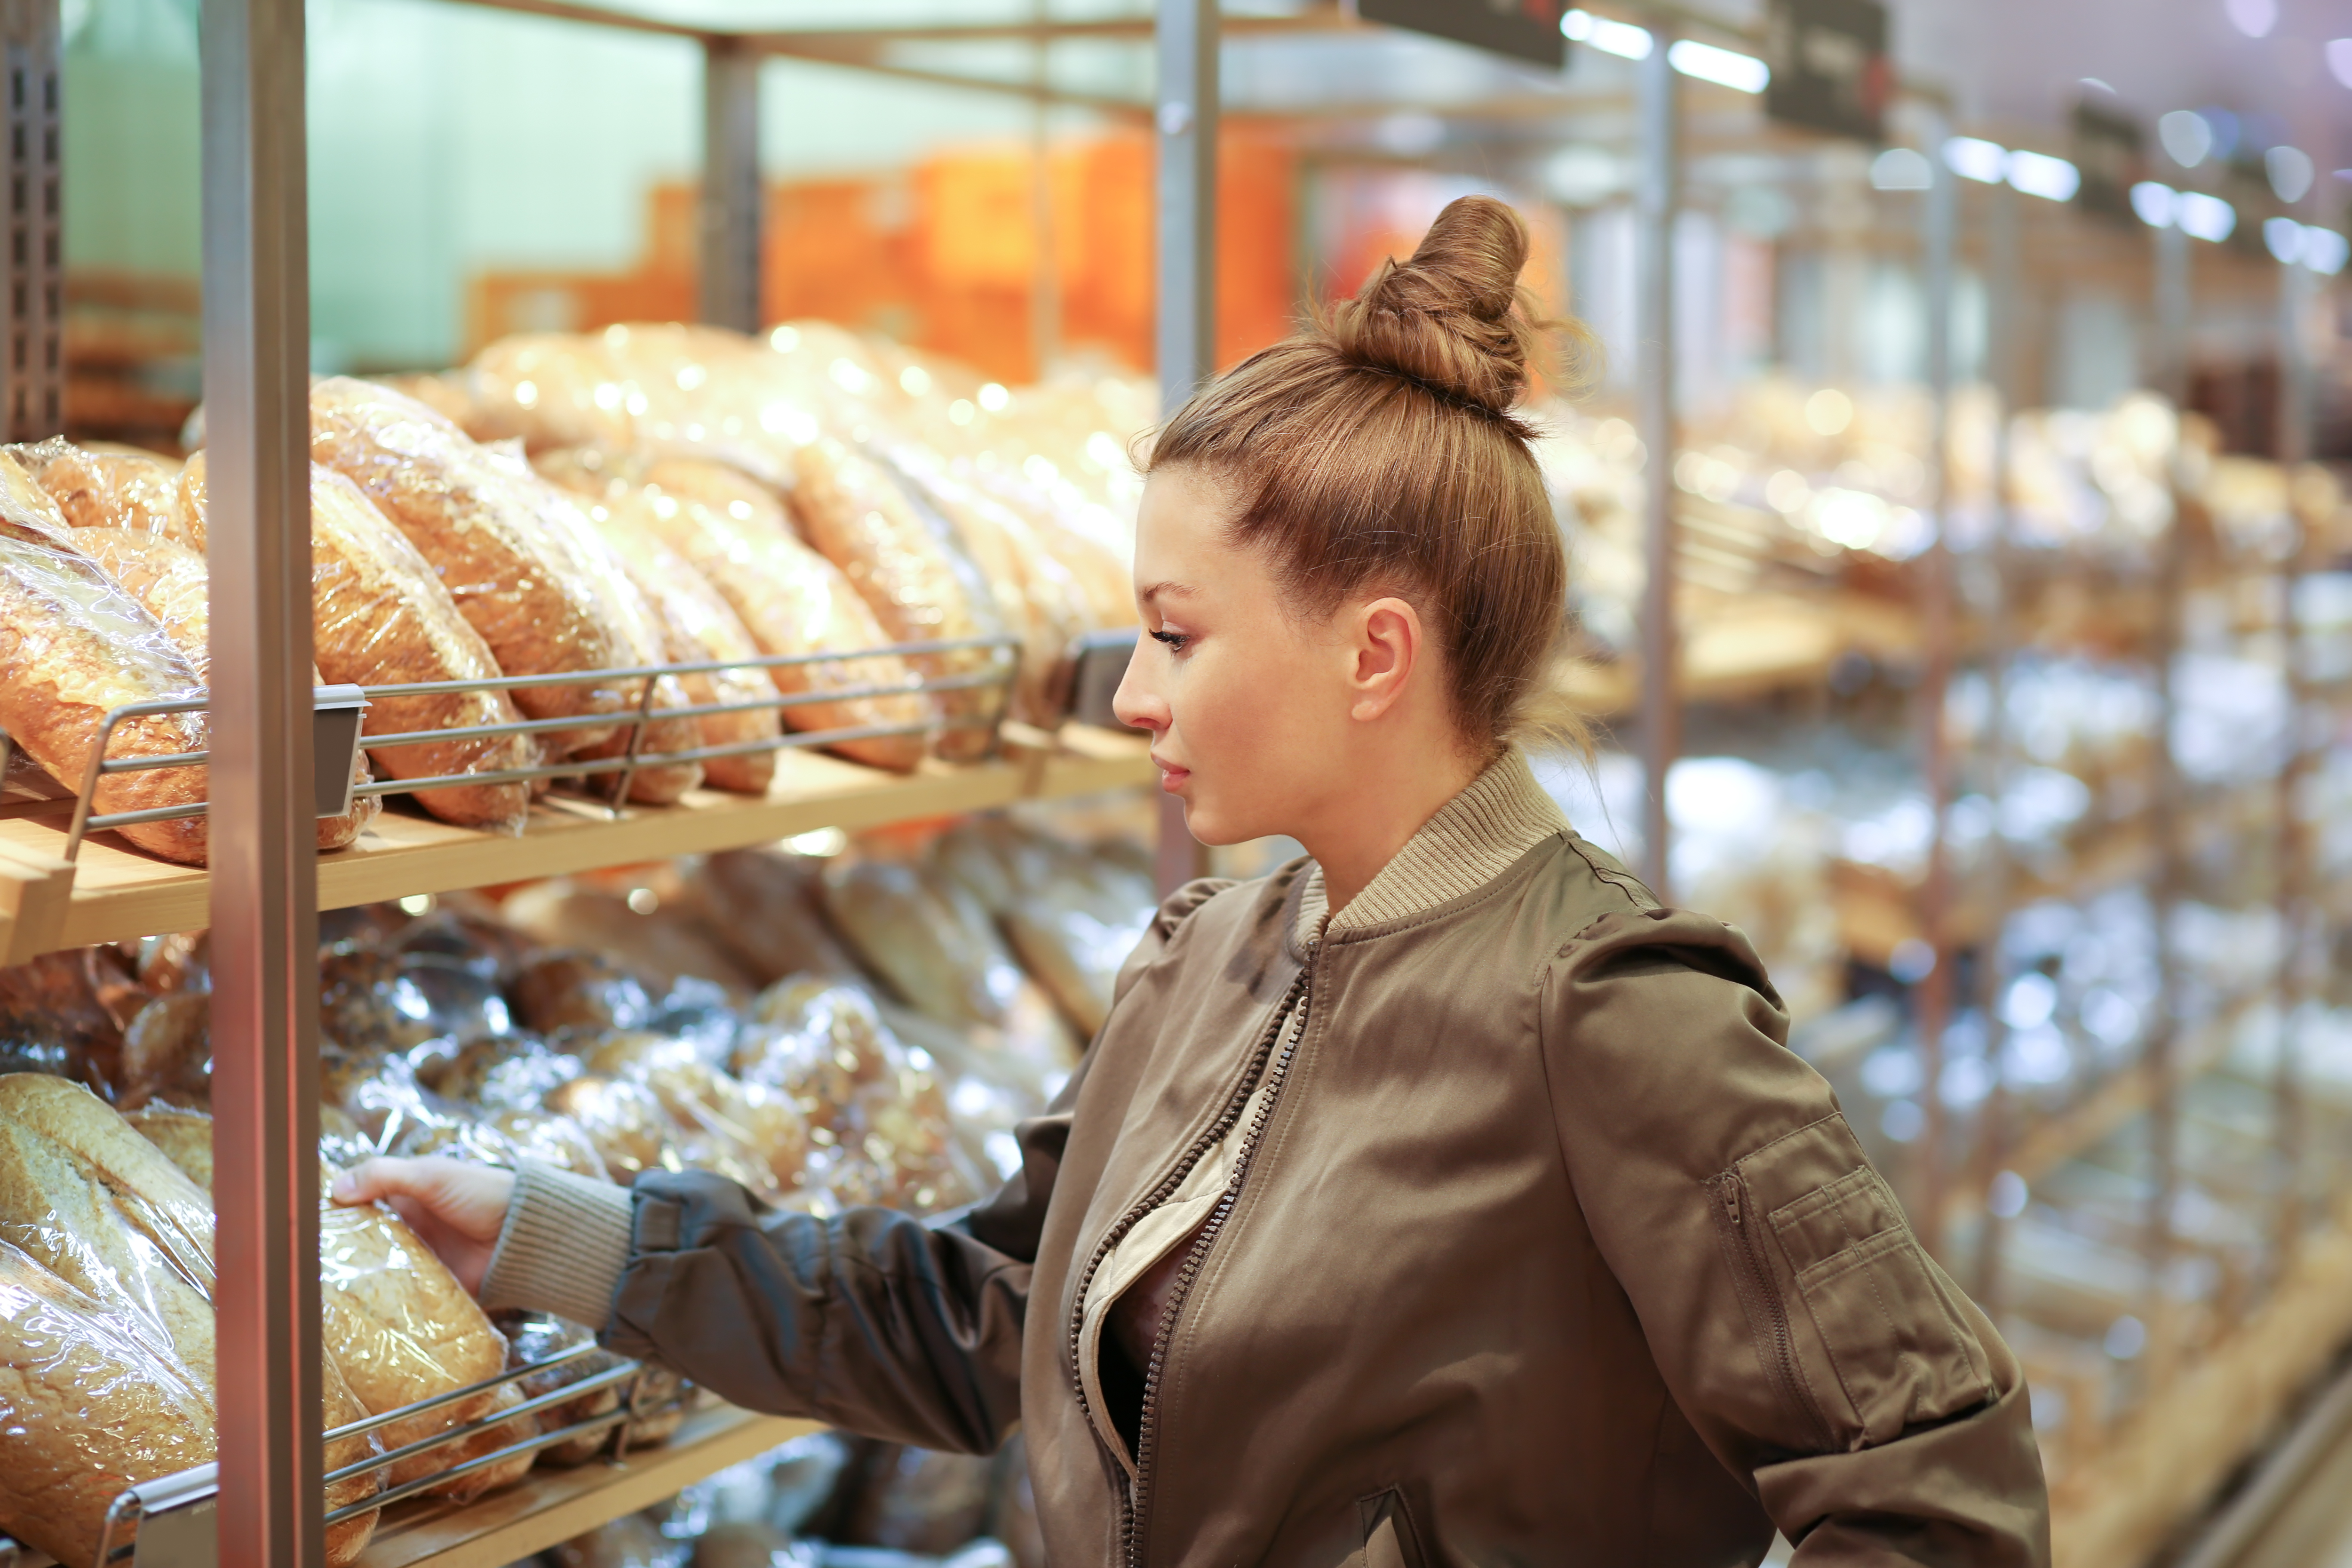 För den som inte är diagnostiserad med glutenintolerans kan det bara vara en dyr historia att köpa glutenfritt i butikerna.